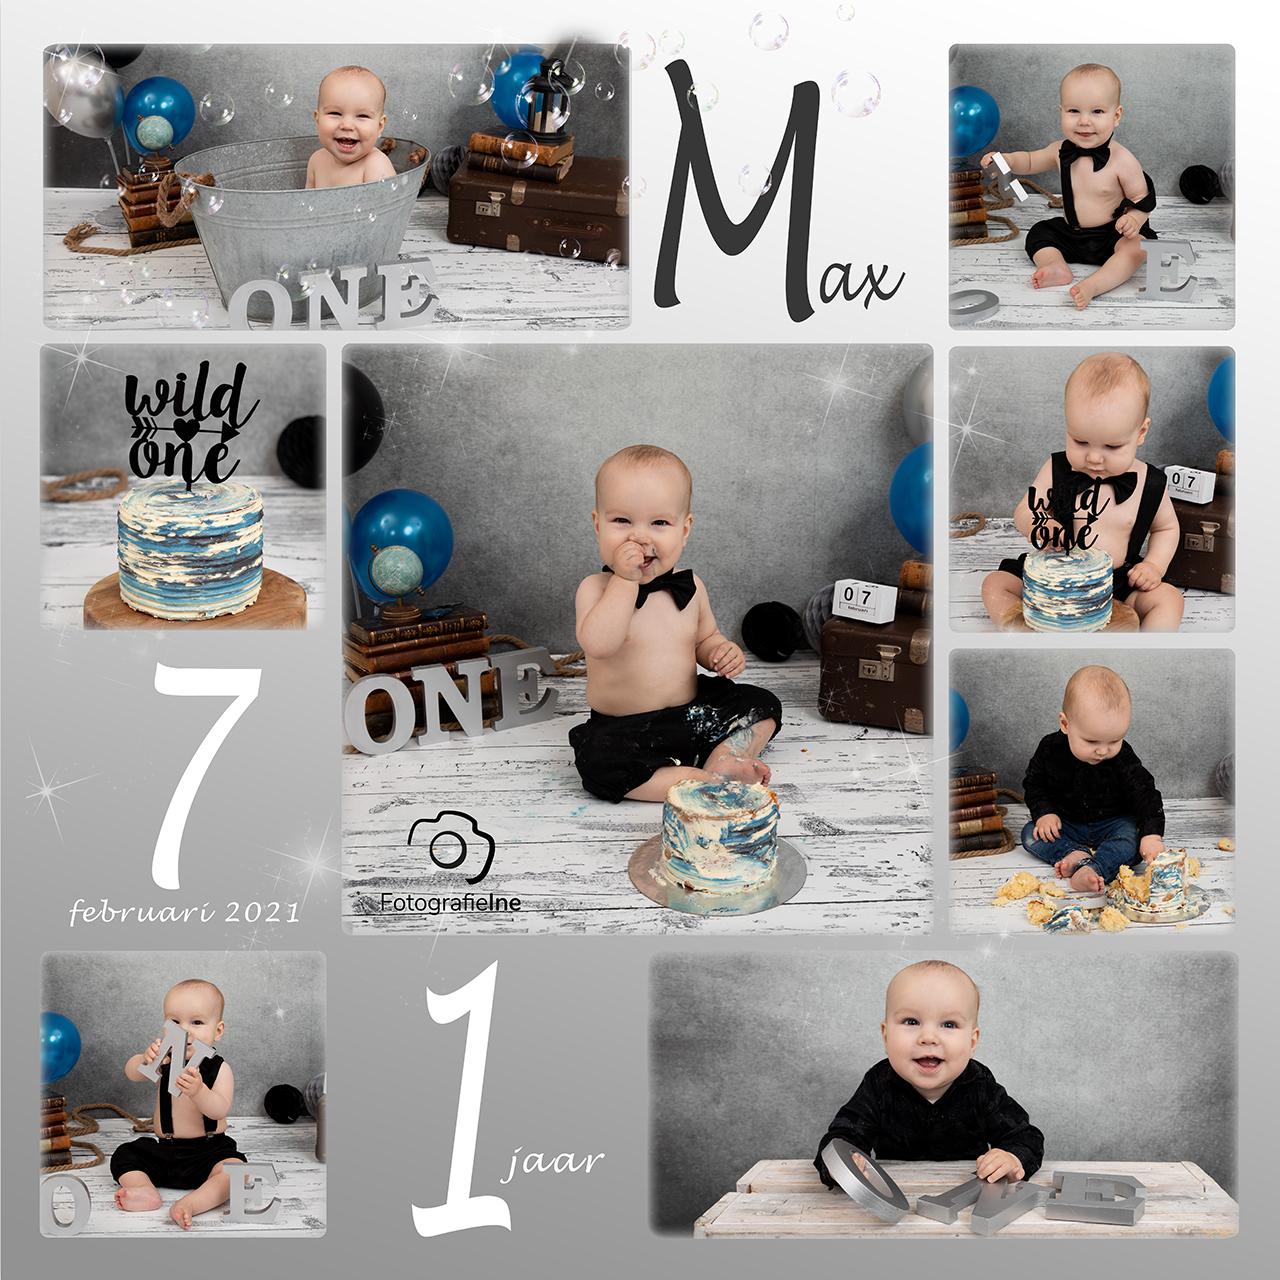 Fotografie Ine collage cakesmash Max zwart wit met badje Wild One